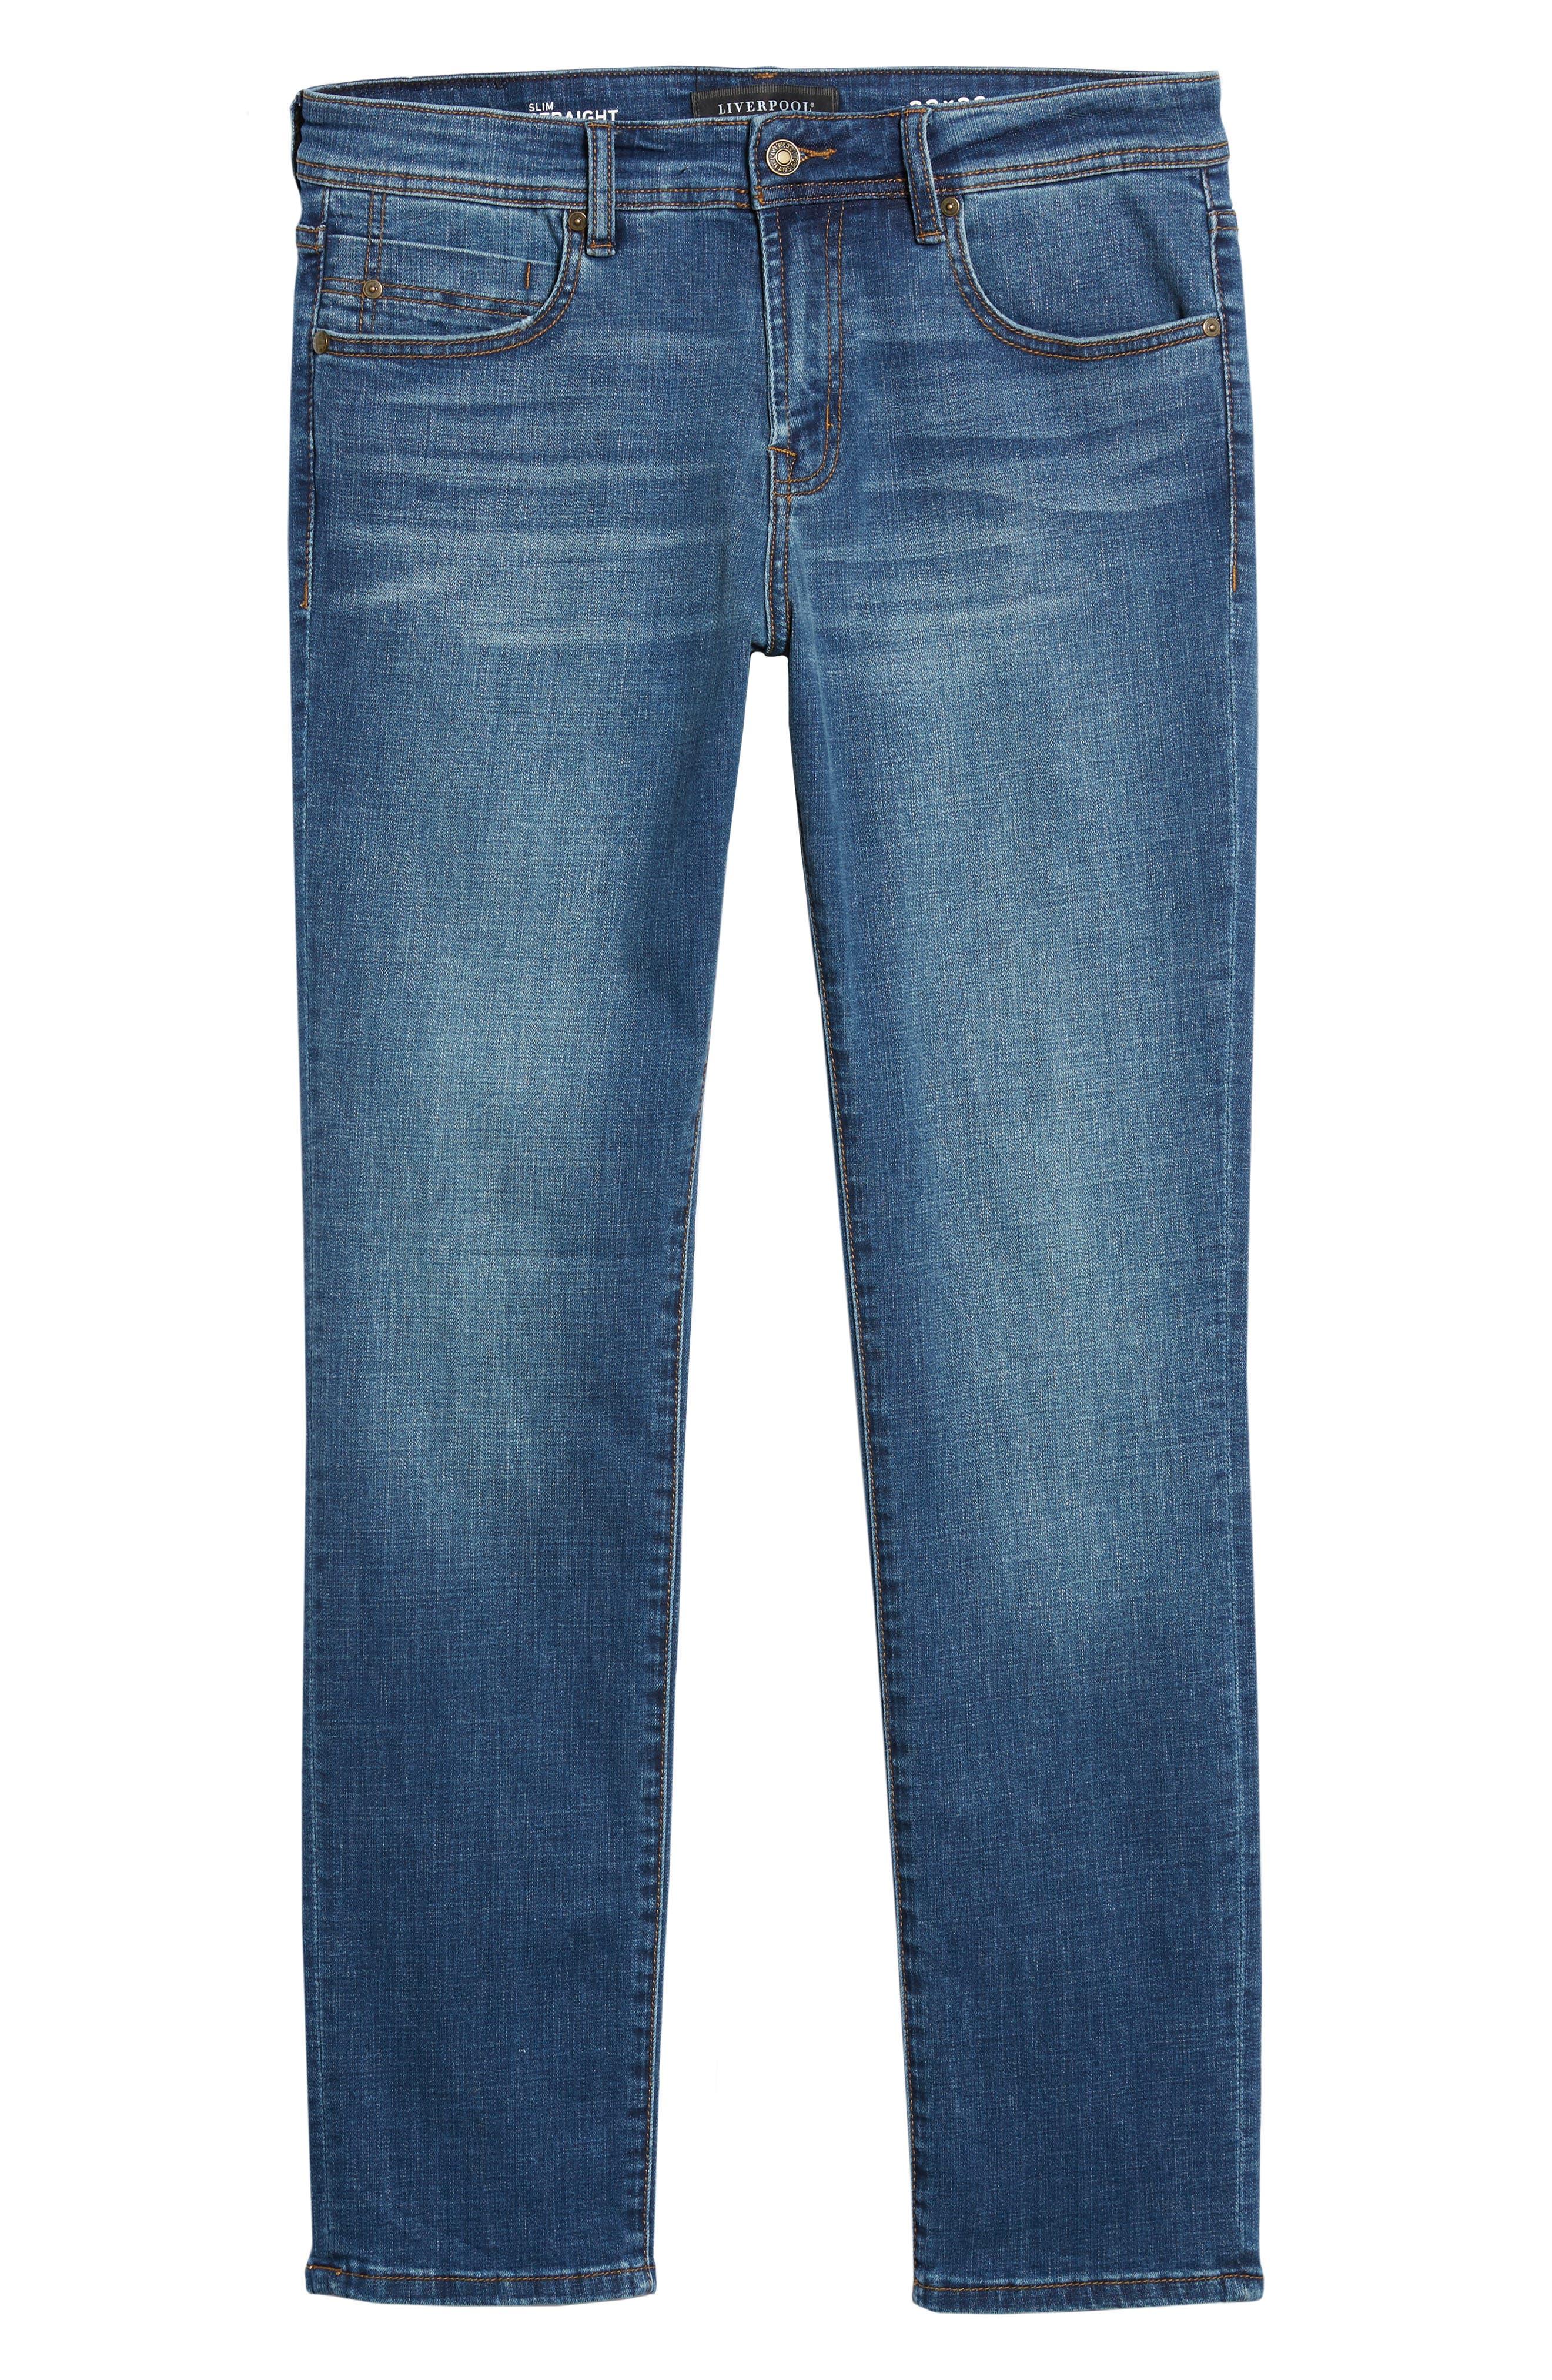 Jeans Co. Kingston Slim Straight Leg Jeans,                             Alternate thumbnail 6, color,                             HIGHLANDER MID